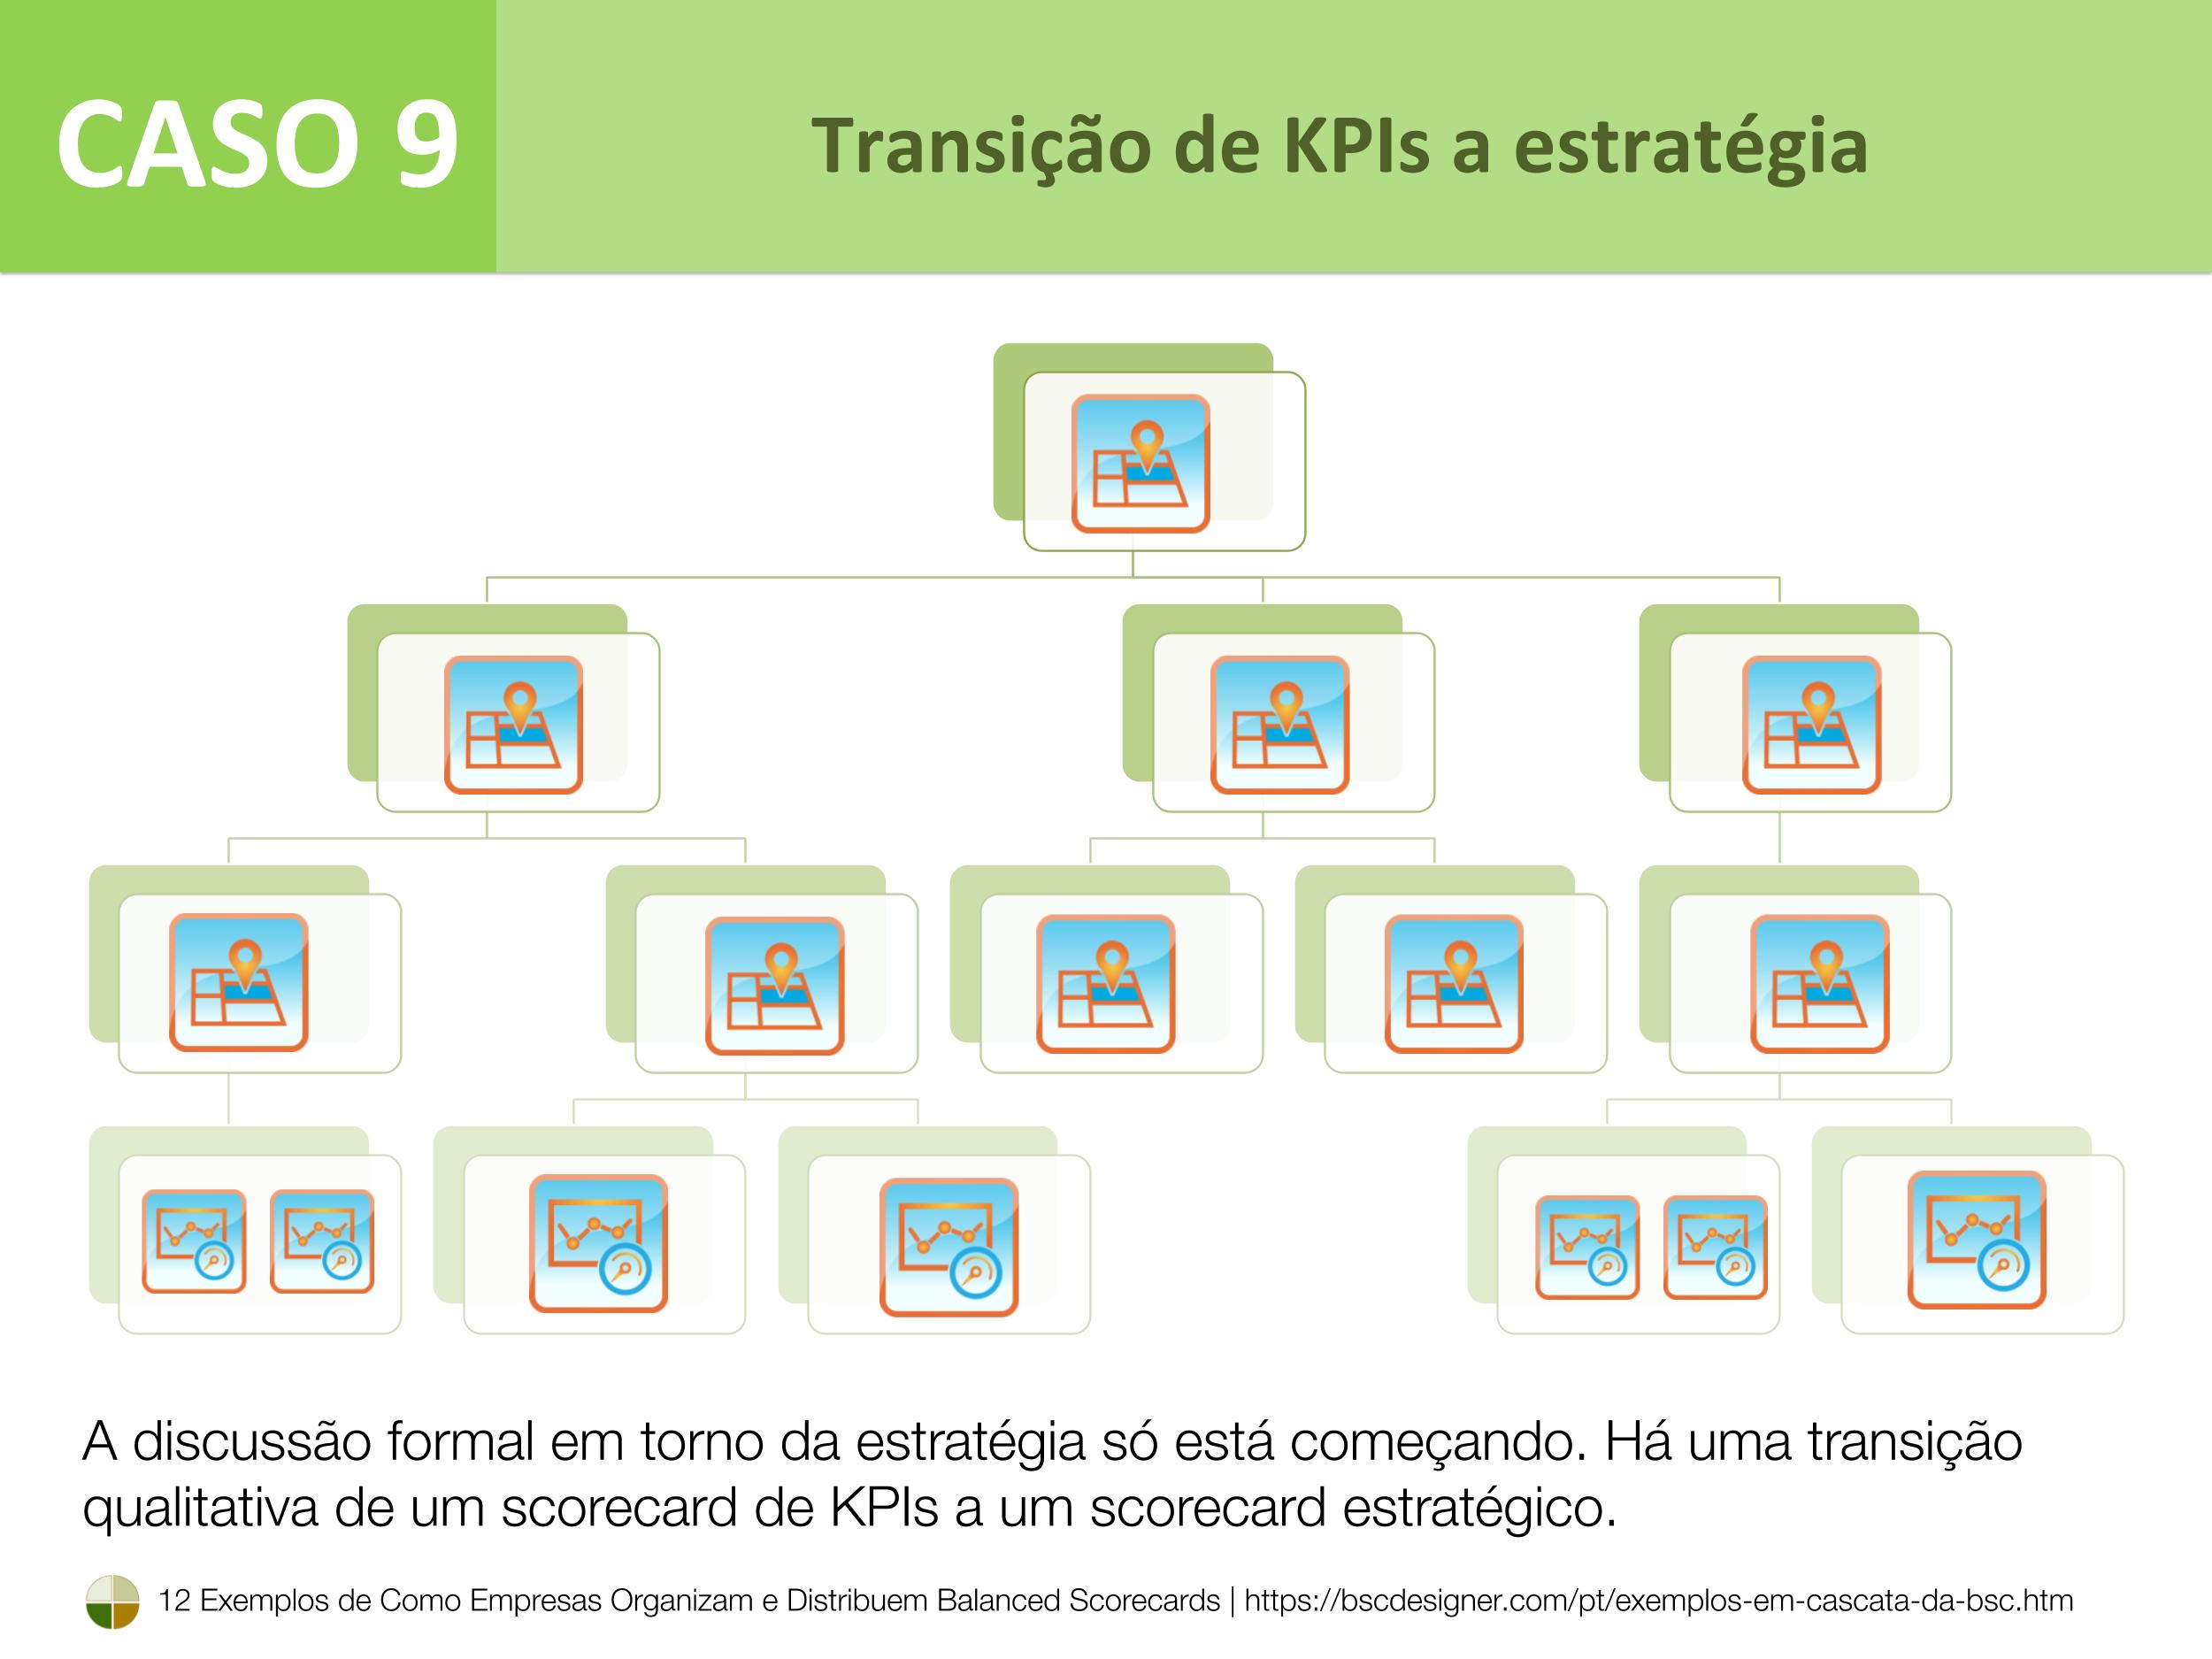 Caso 9 – Transição de KPIs a estratégia